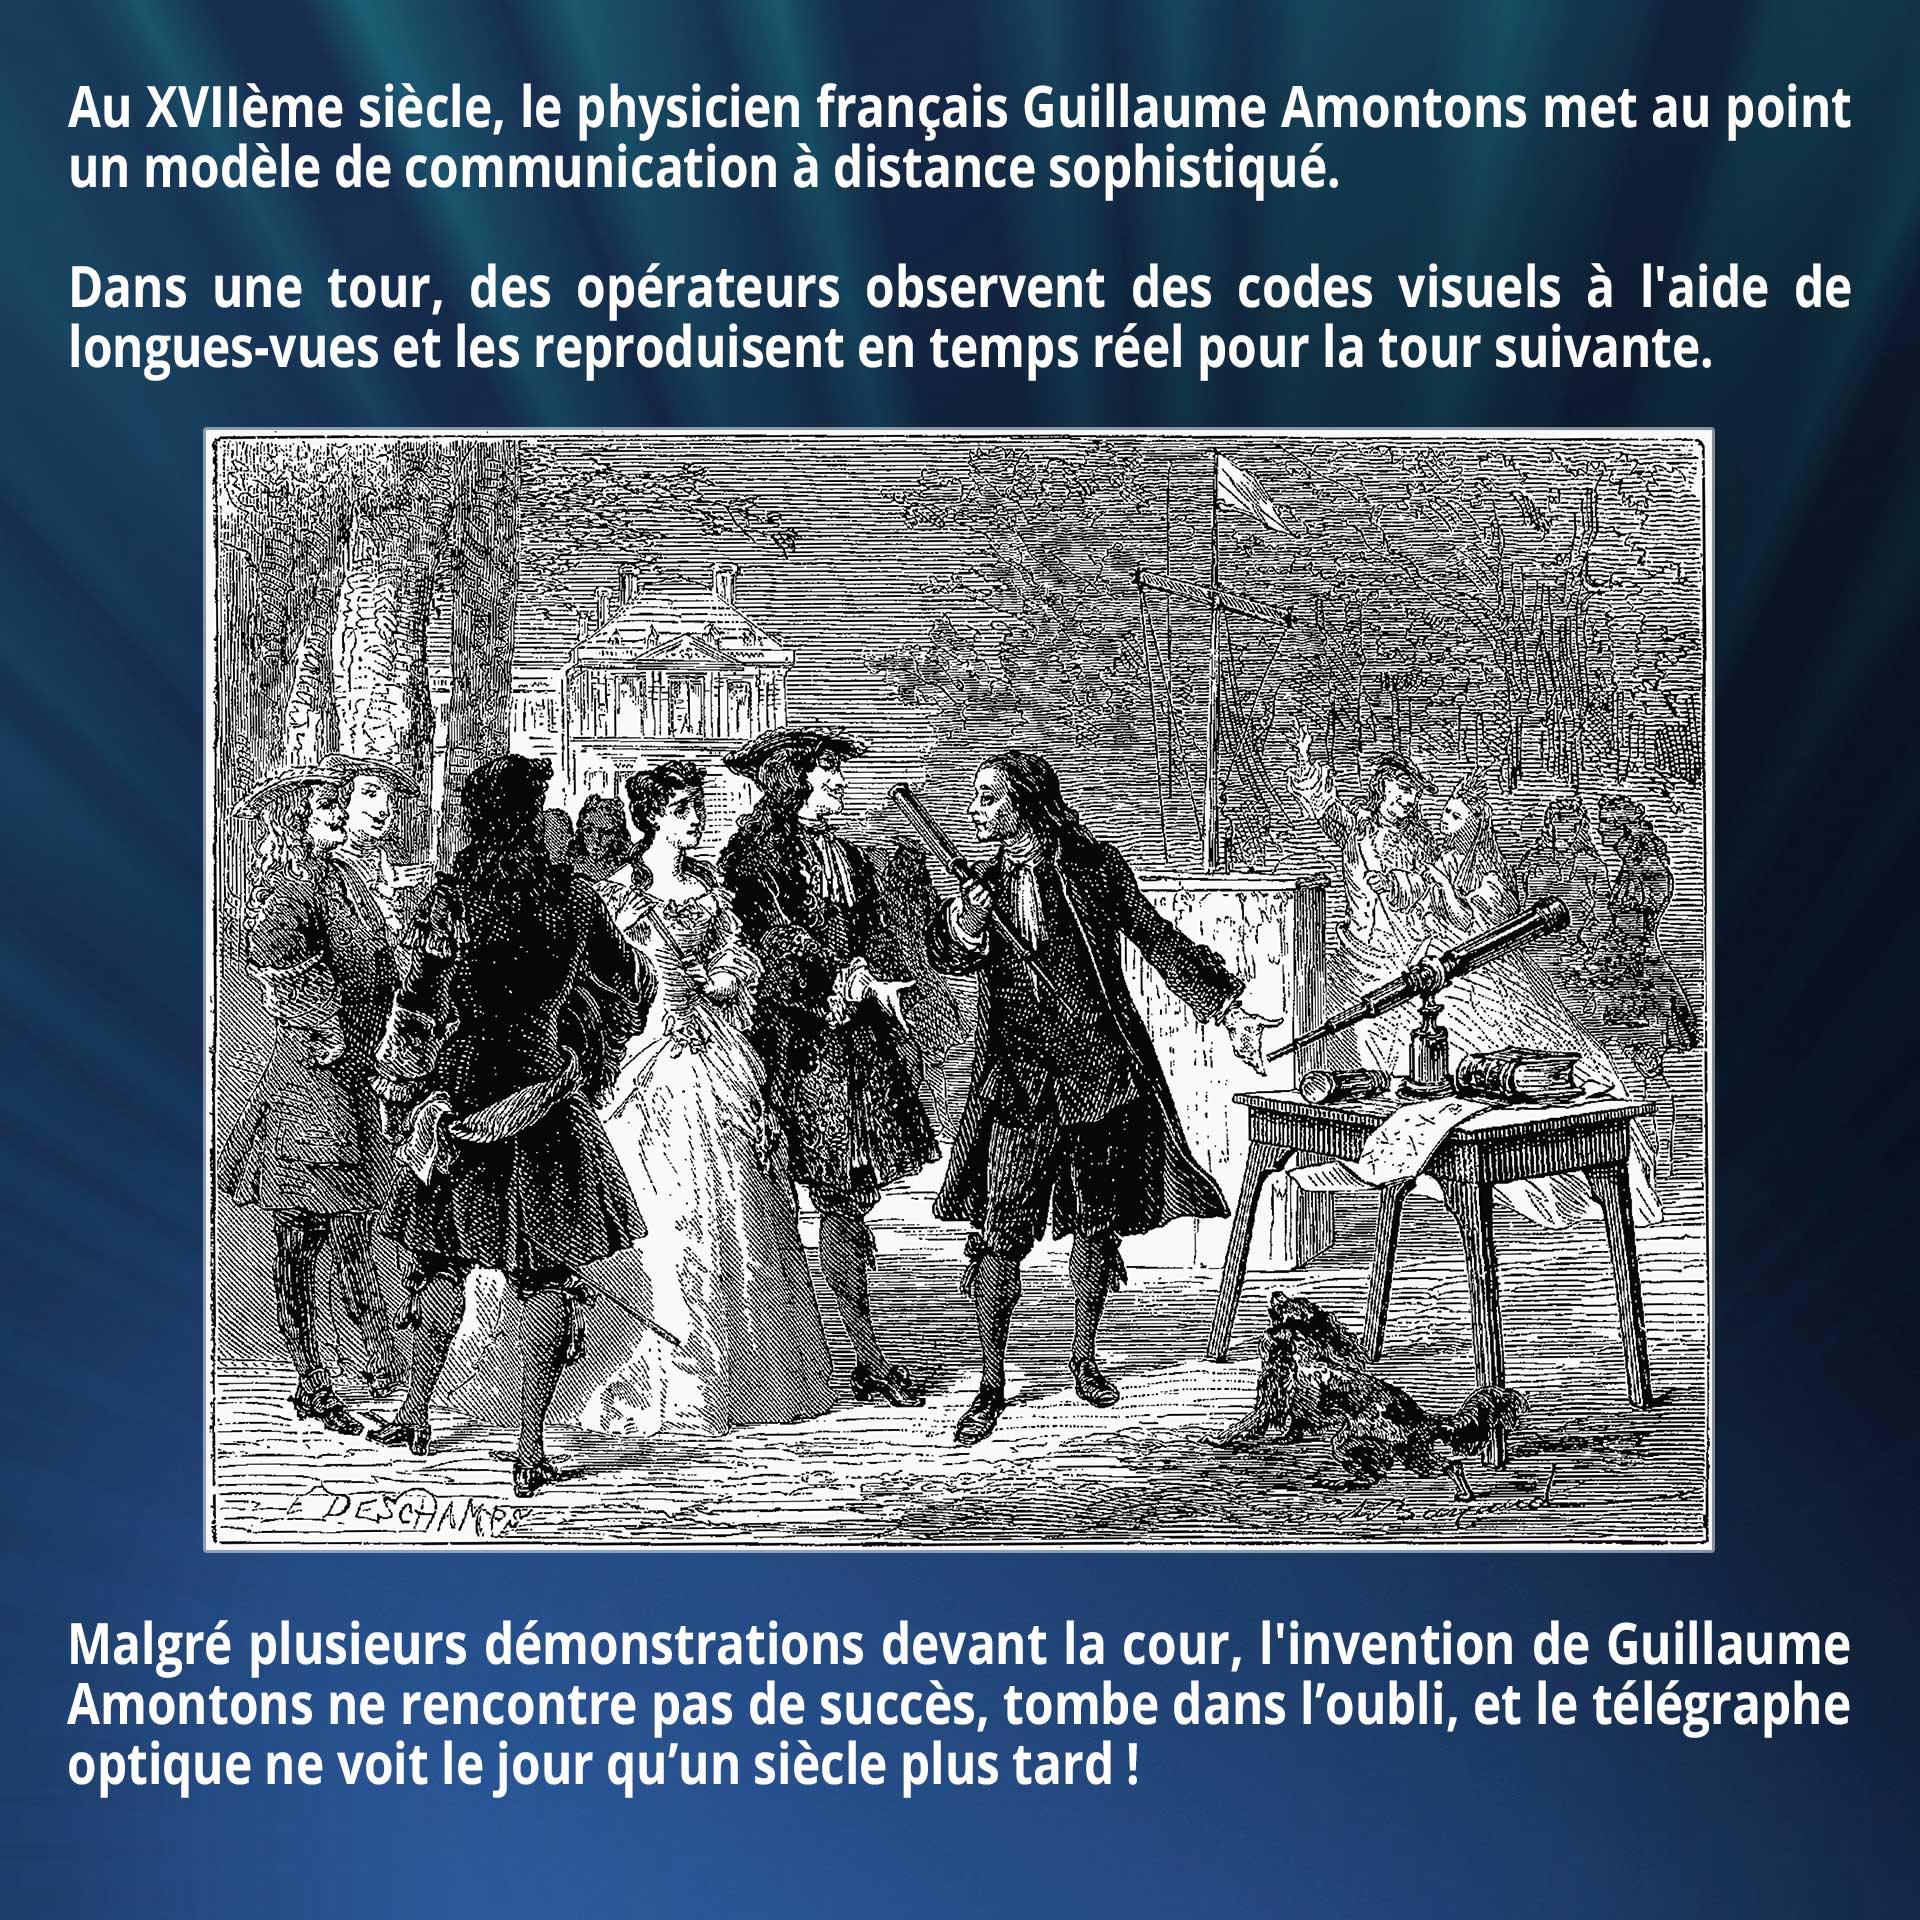 Au XVIIème siècle, le physicien français Guillaume Amontons met au point un modèle de communication à distance sophistiqué. Dans une tour, des opérateurs observent des codes visuels à l'aide de longues-vues et les reproduisent en temps réel pour la tour suivante. Malgré plusieurs démonstrations devant la cour, l'invention de Guillaume Amontons ne rencontre pas de succès, tombe dans l'oubli, et le télégraphe optique ne voit le jour qu'un siècle plus tard !